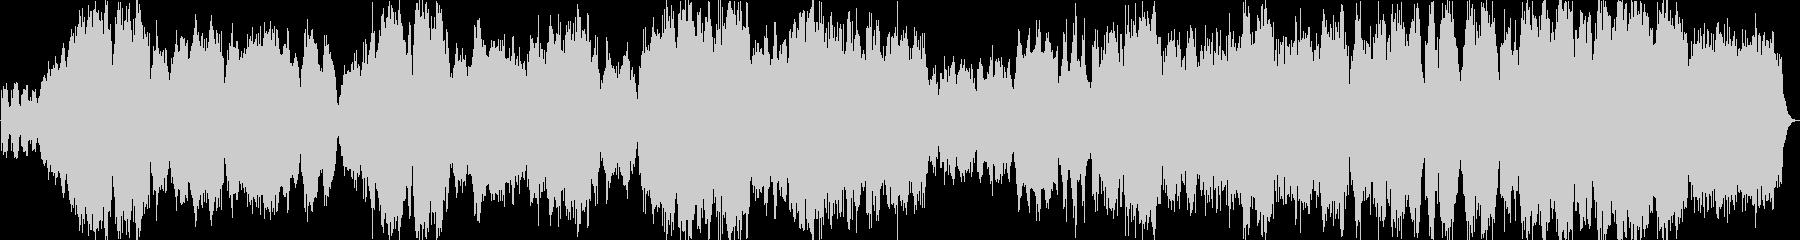 バイオリンのソロ曲 切ないバラードの未再生の波形